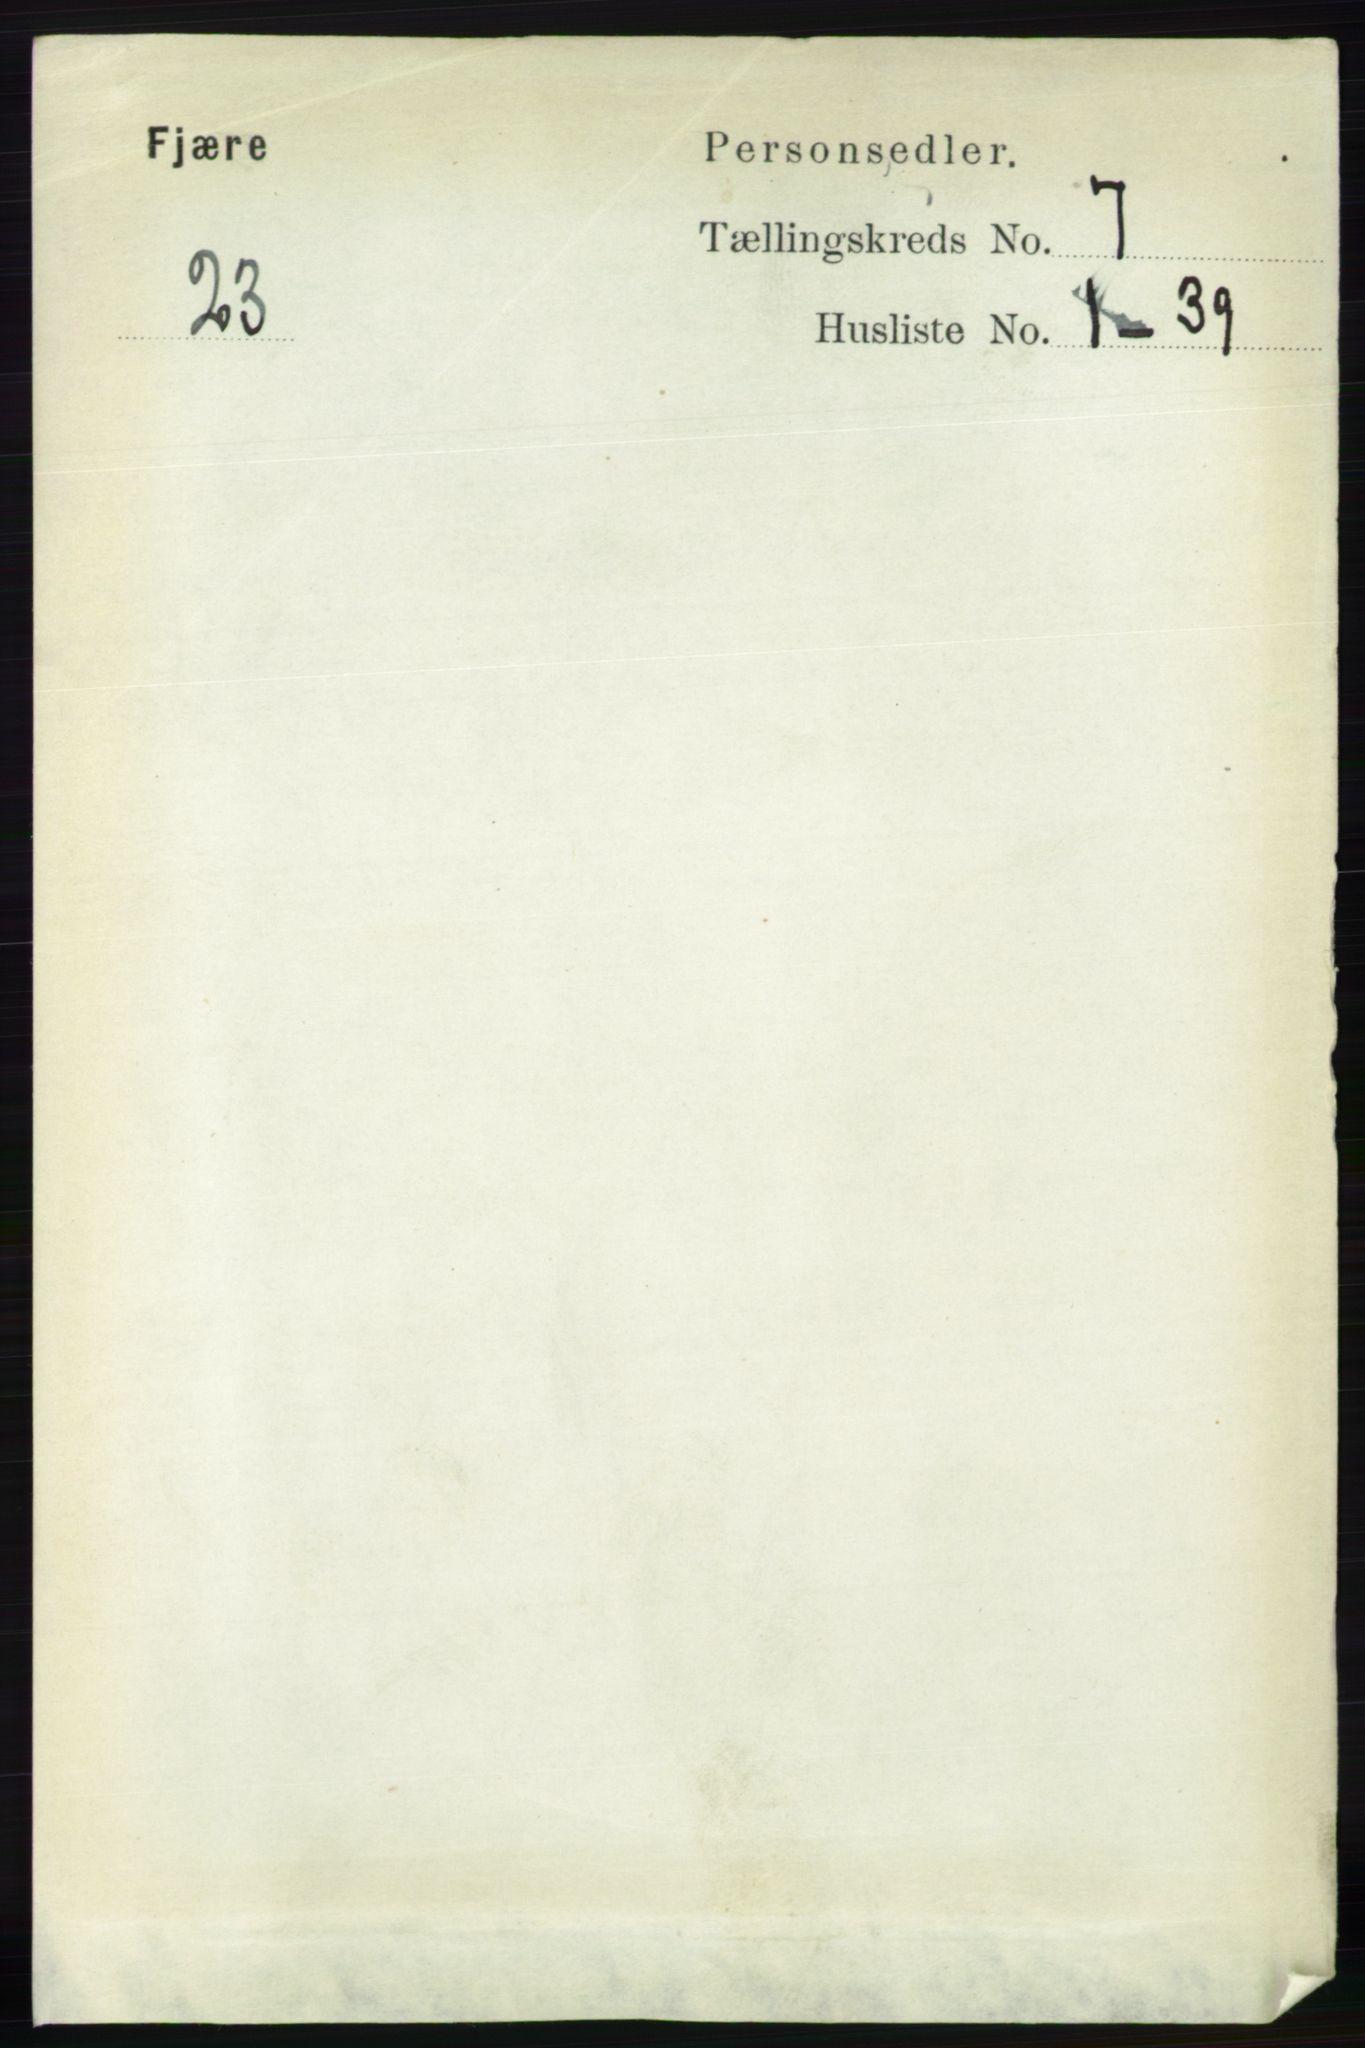 RA, Folketelling 1891 for 0923 Fjære herred, 1891, s. 3202